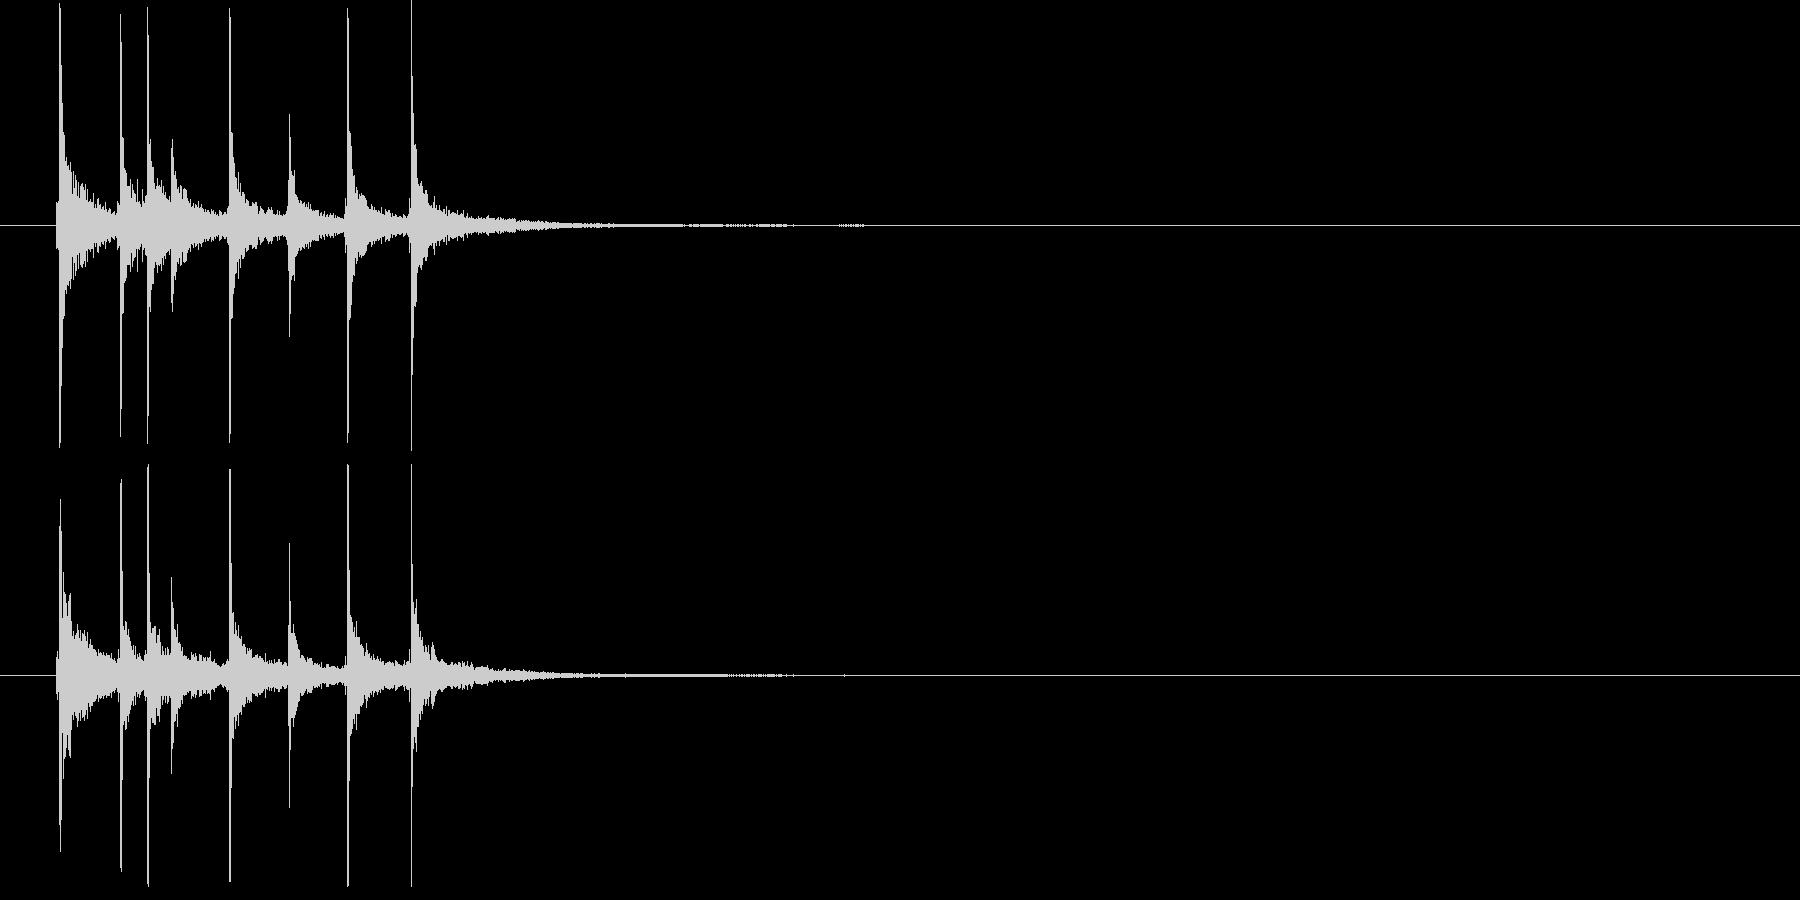 和の素材_三味線の短いフレーズ2の未再生の波形